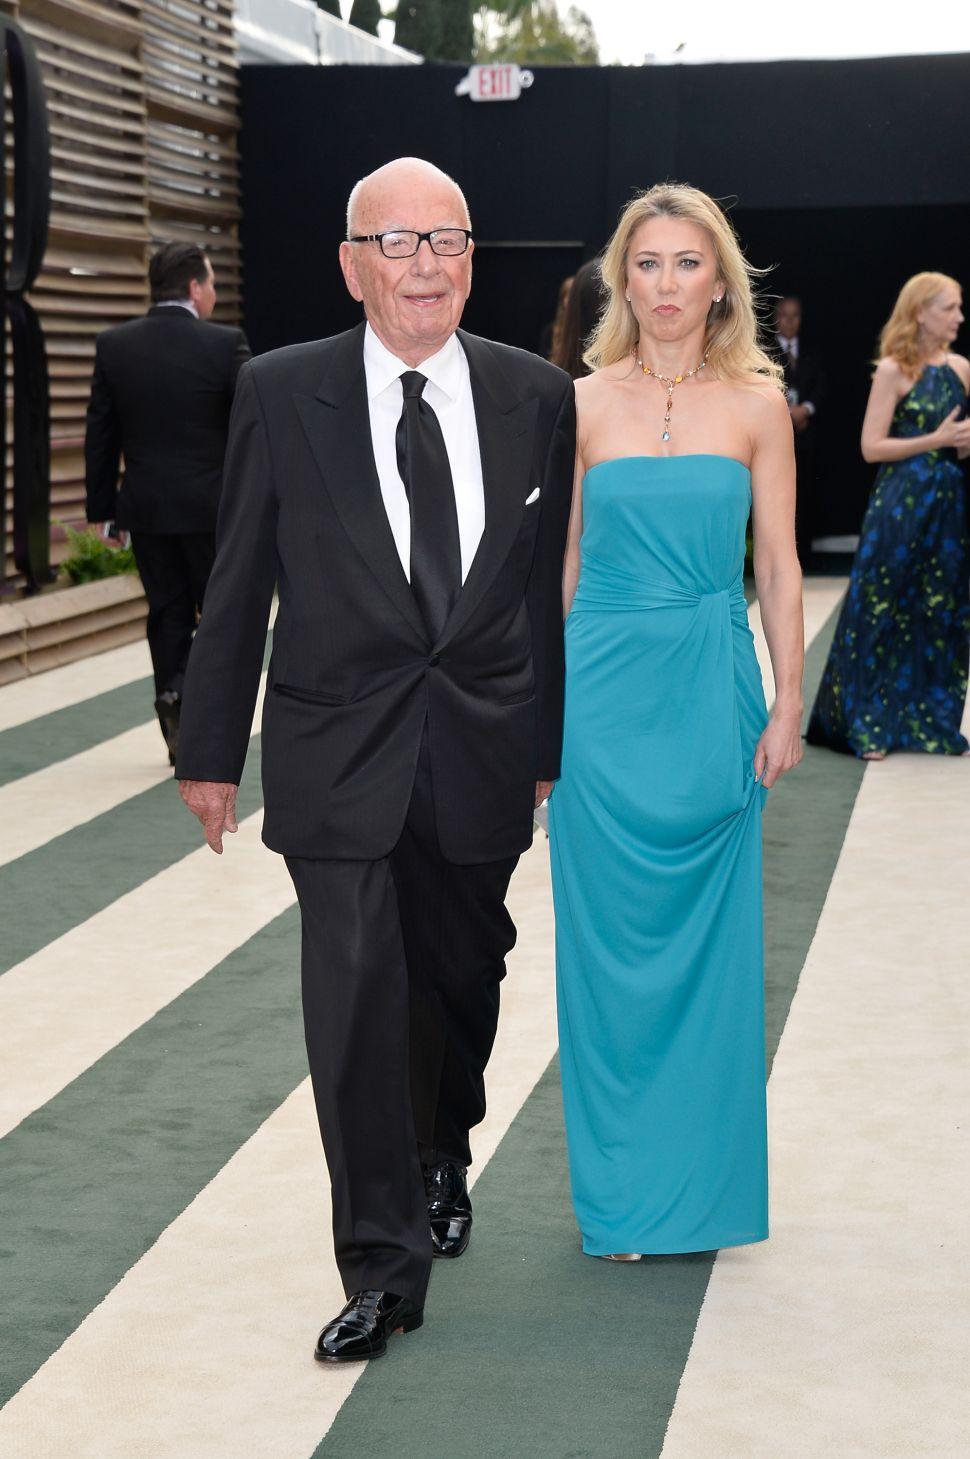 L.A. Ladies Love Rupert Murdoch